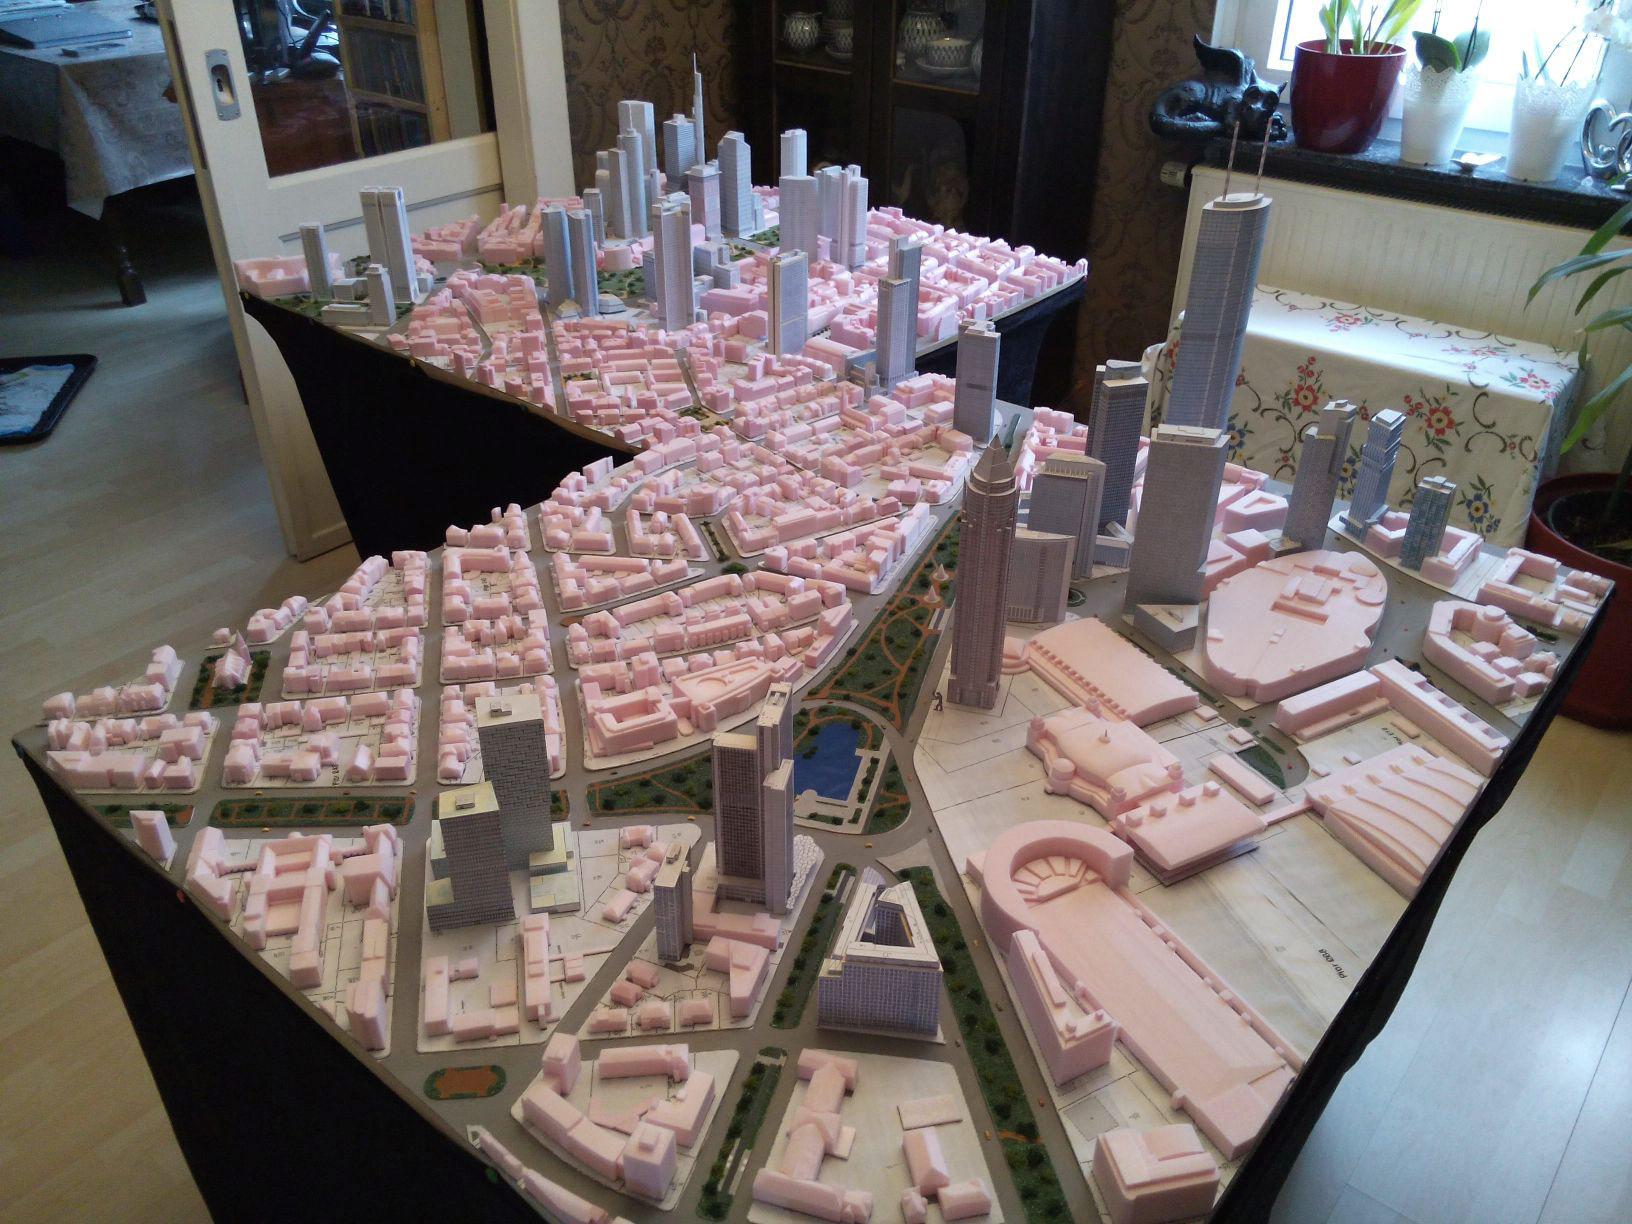 Wolkenkratzer Modell Frankfurt am Main - Mainhattan - Skyline Messeviertell, Westend und Bankenviertel - Modell von Frank Reuter